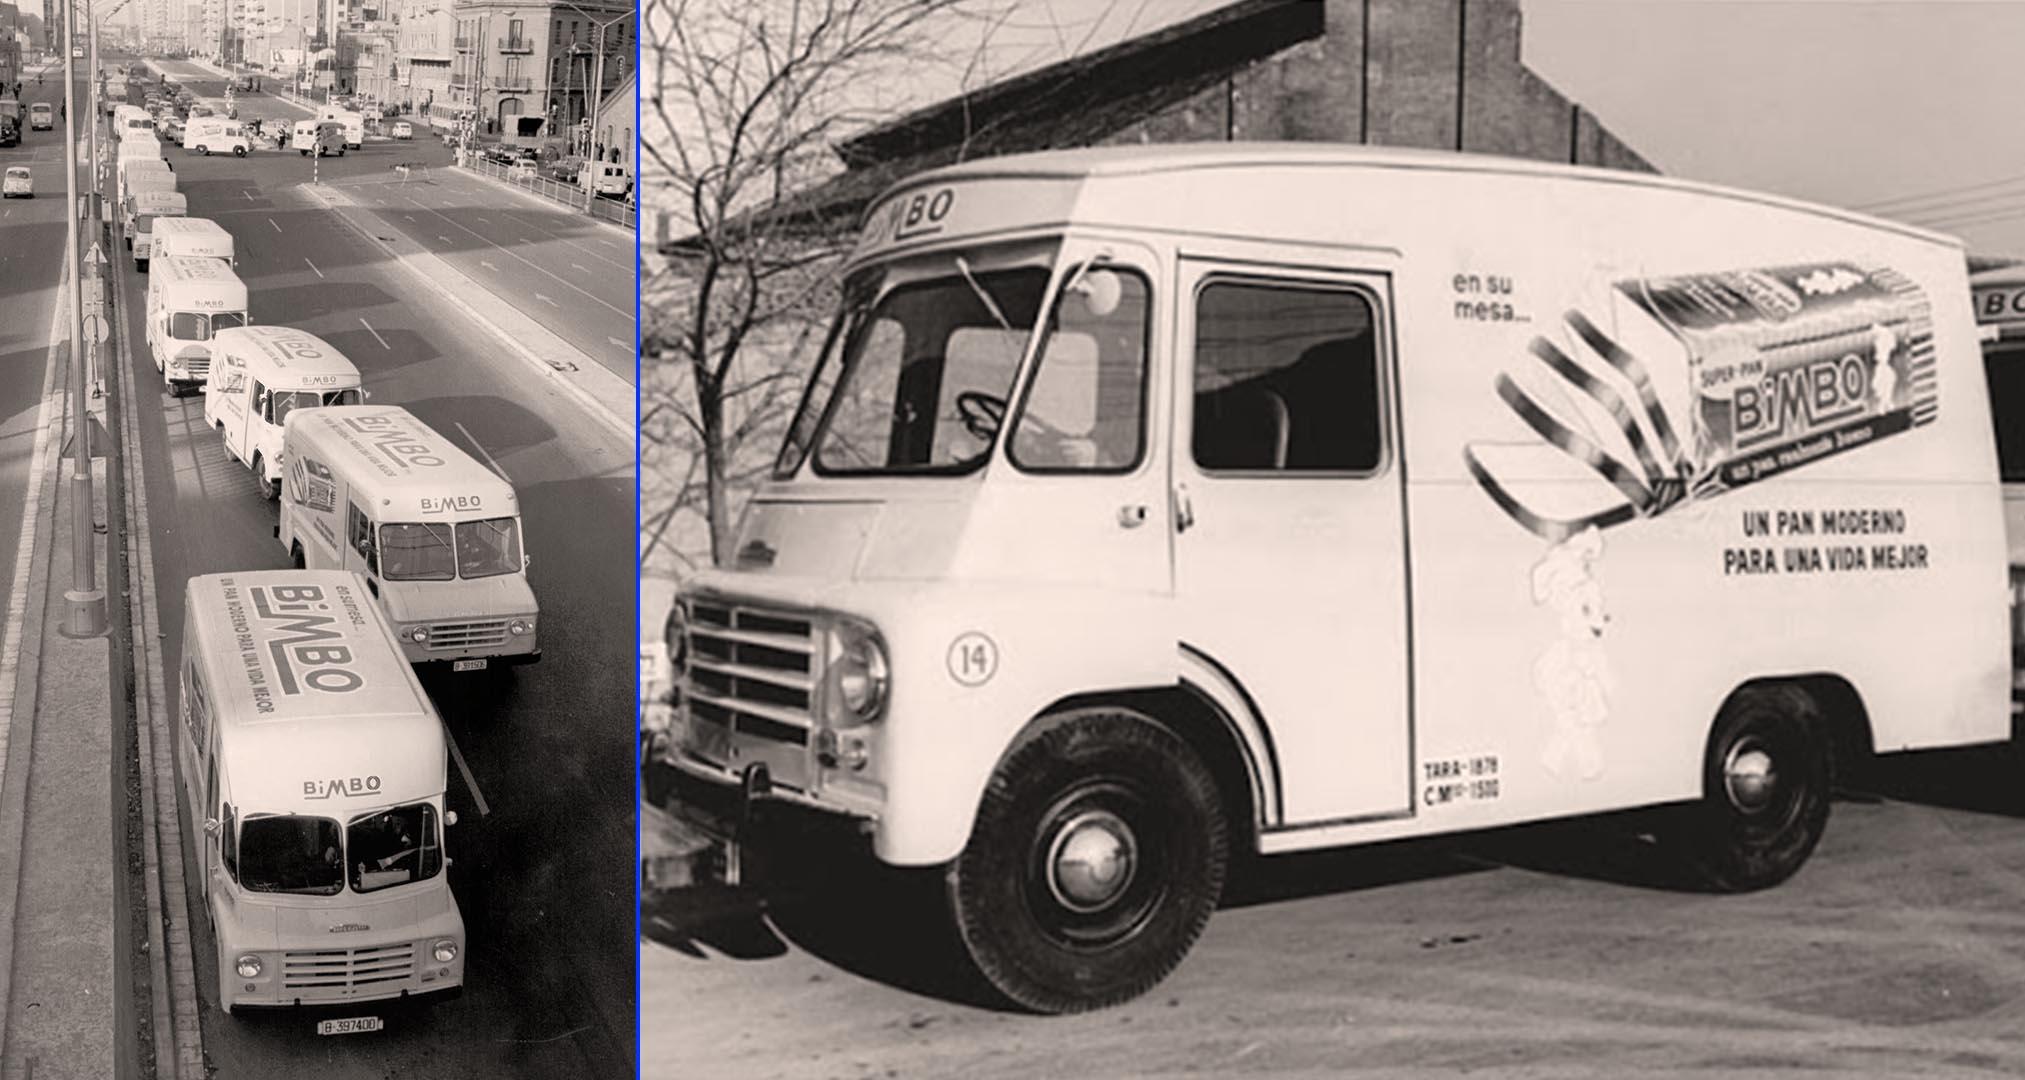 Mítico camión de reparto de Bimbo